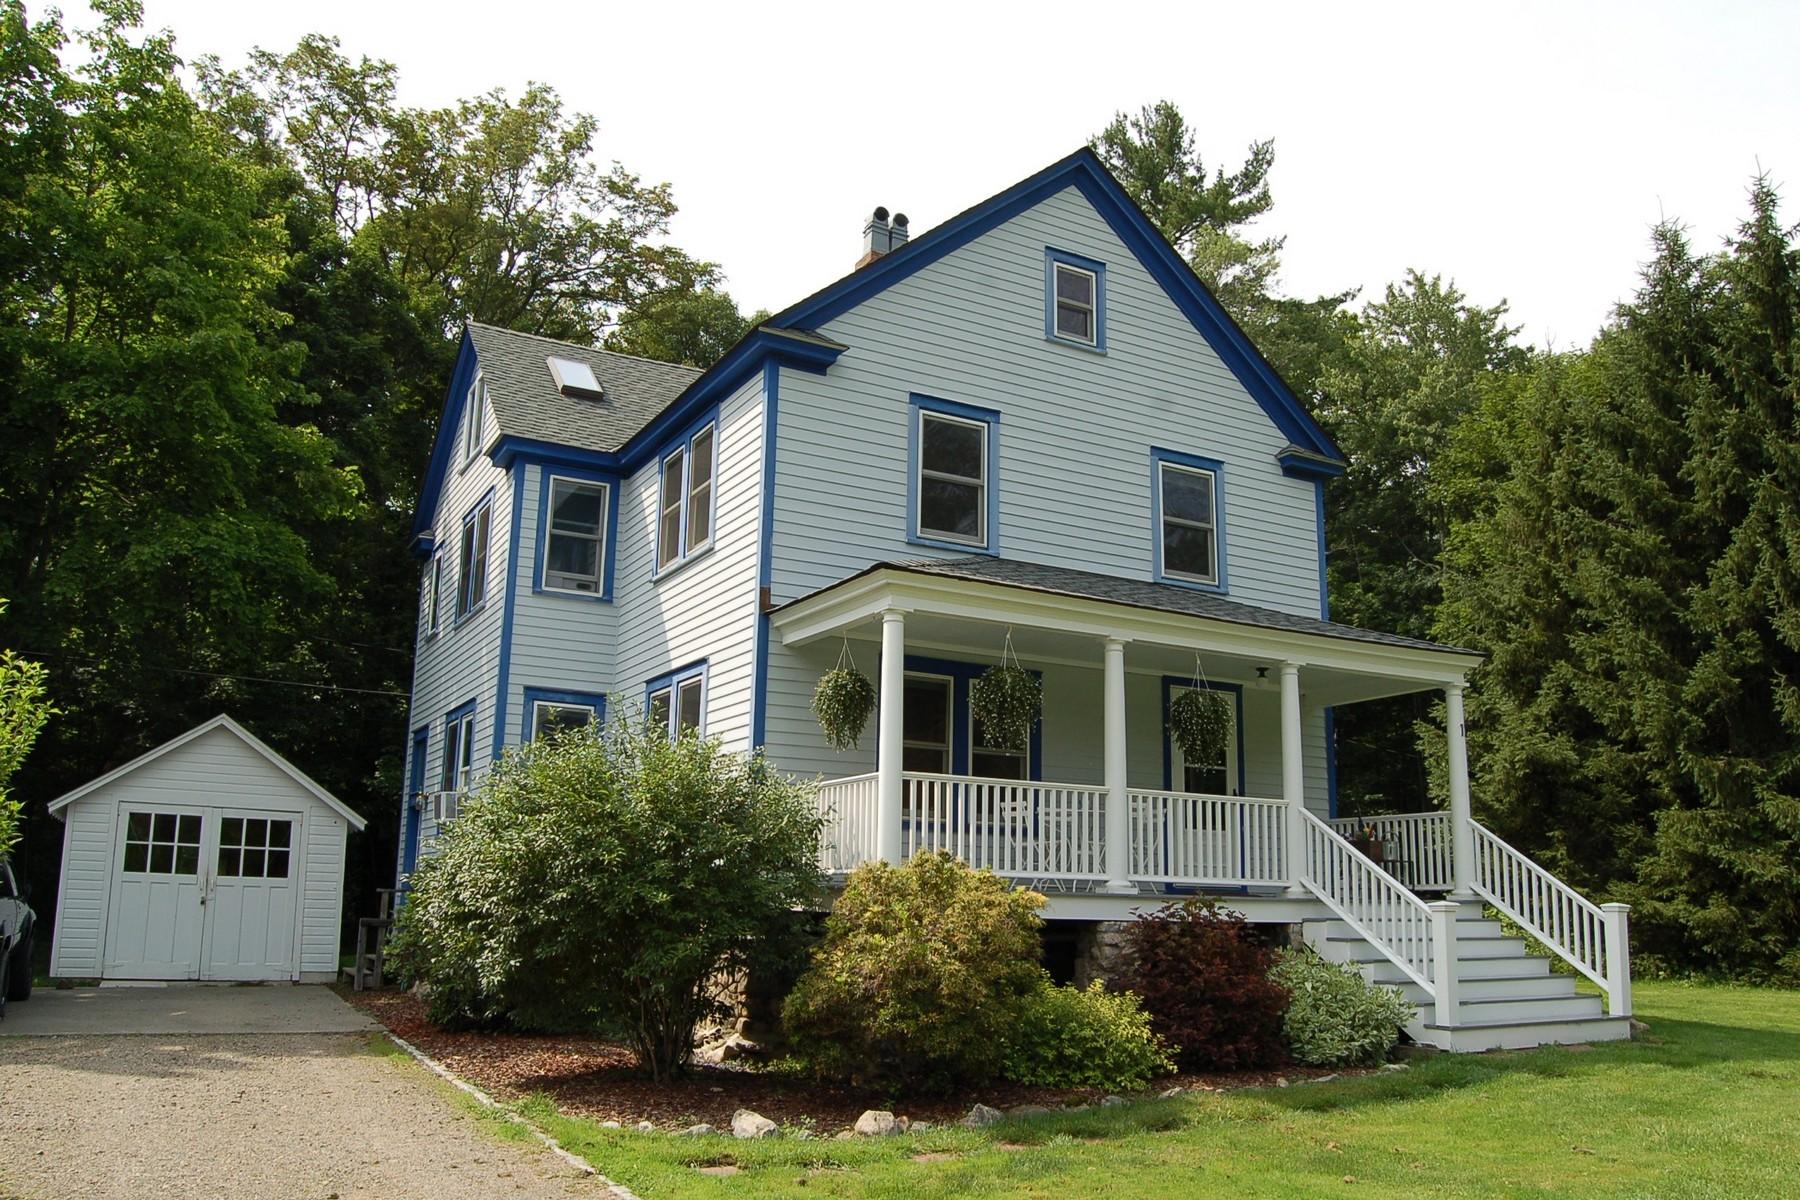 独户住宅 为 销售 在 Classic Beauty 11 Lewis Lane Garrison, 纽约州 10524 美国